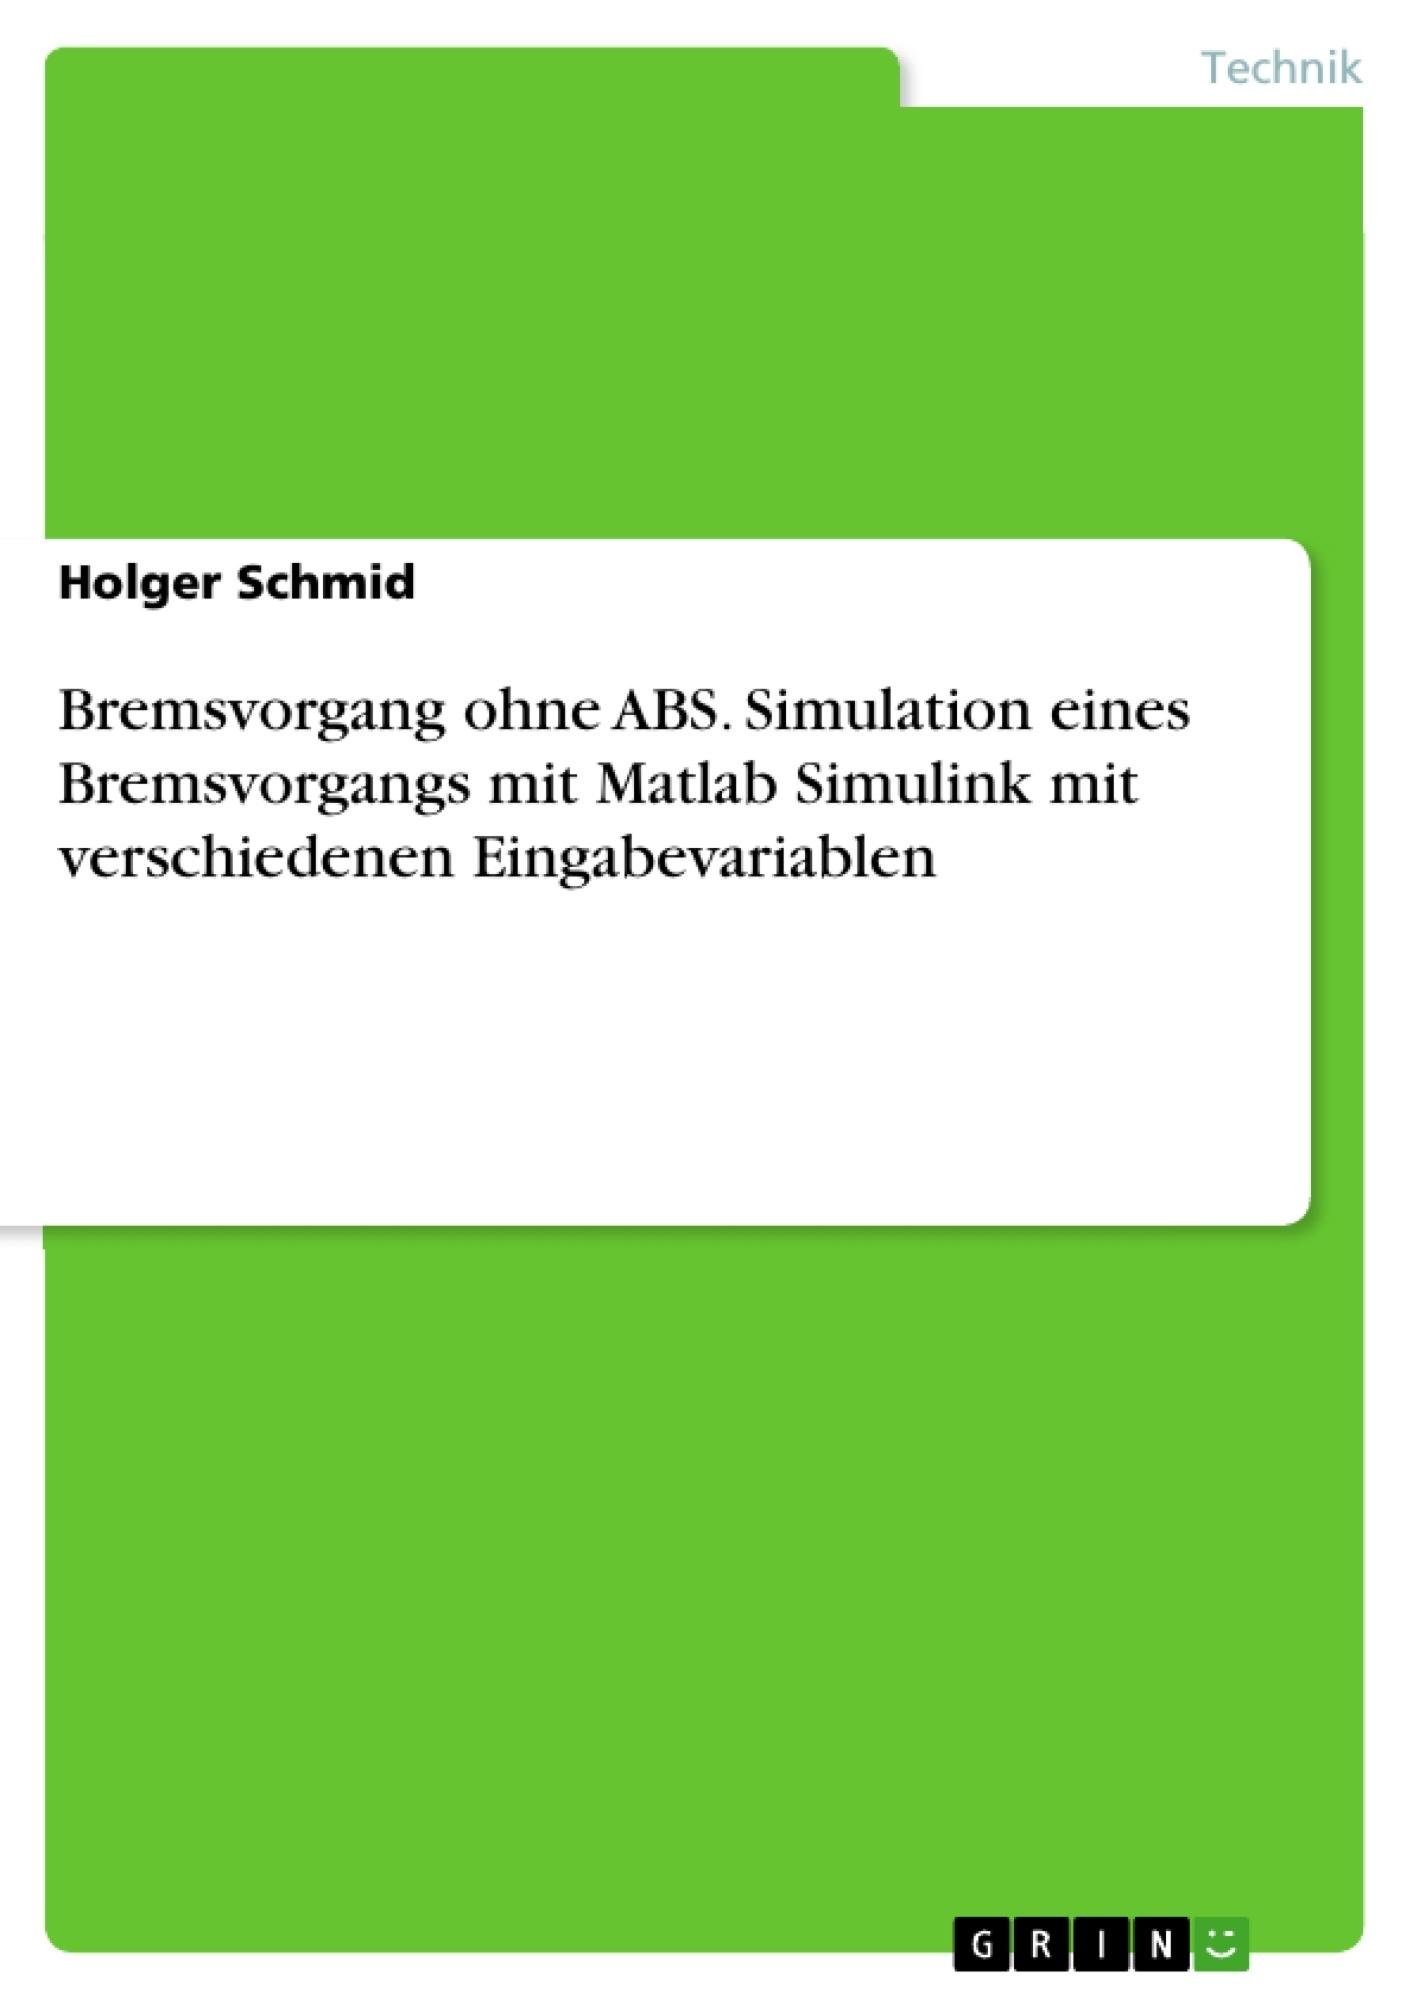 Titel: Bremsvorgang ohne ABS. Simulation eines Bremsvorgangs mit Matlab Simulink mit verschiedenen Eingabevariablen